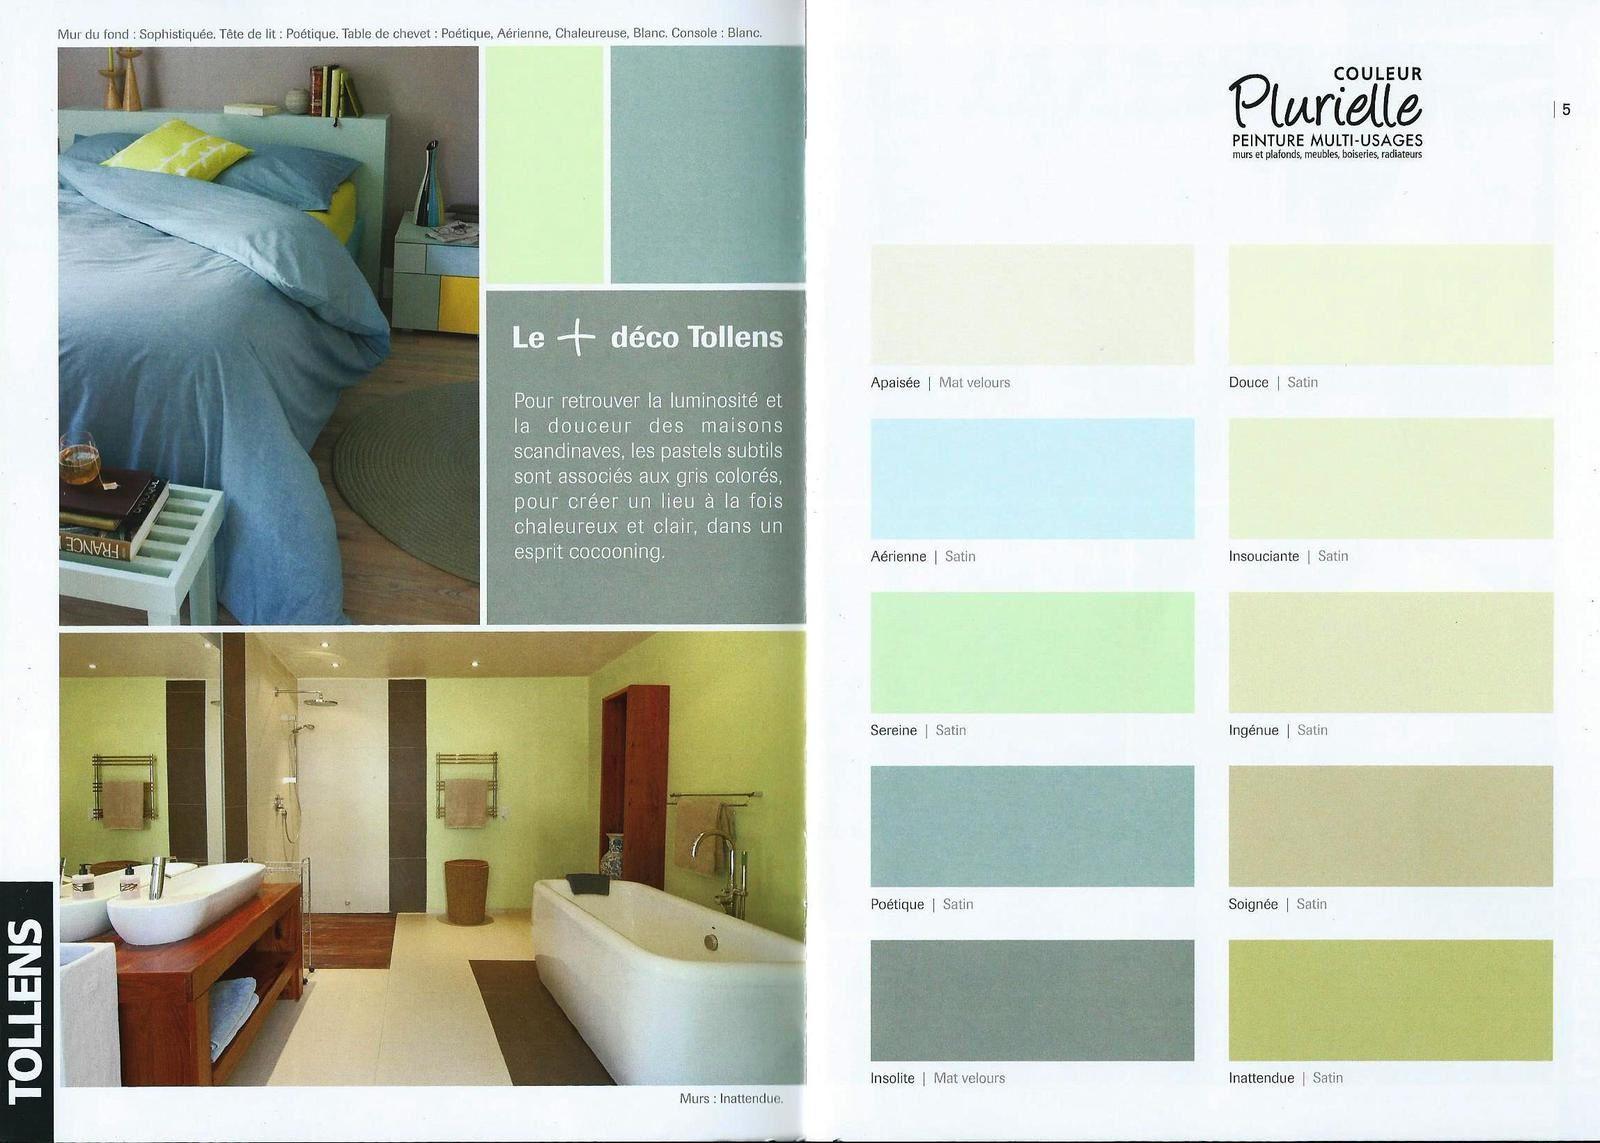 Des couleurs et tendances very d co pour 2014 very d co le blog very tendance - Deco couleur t endance ...